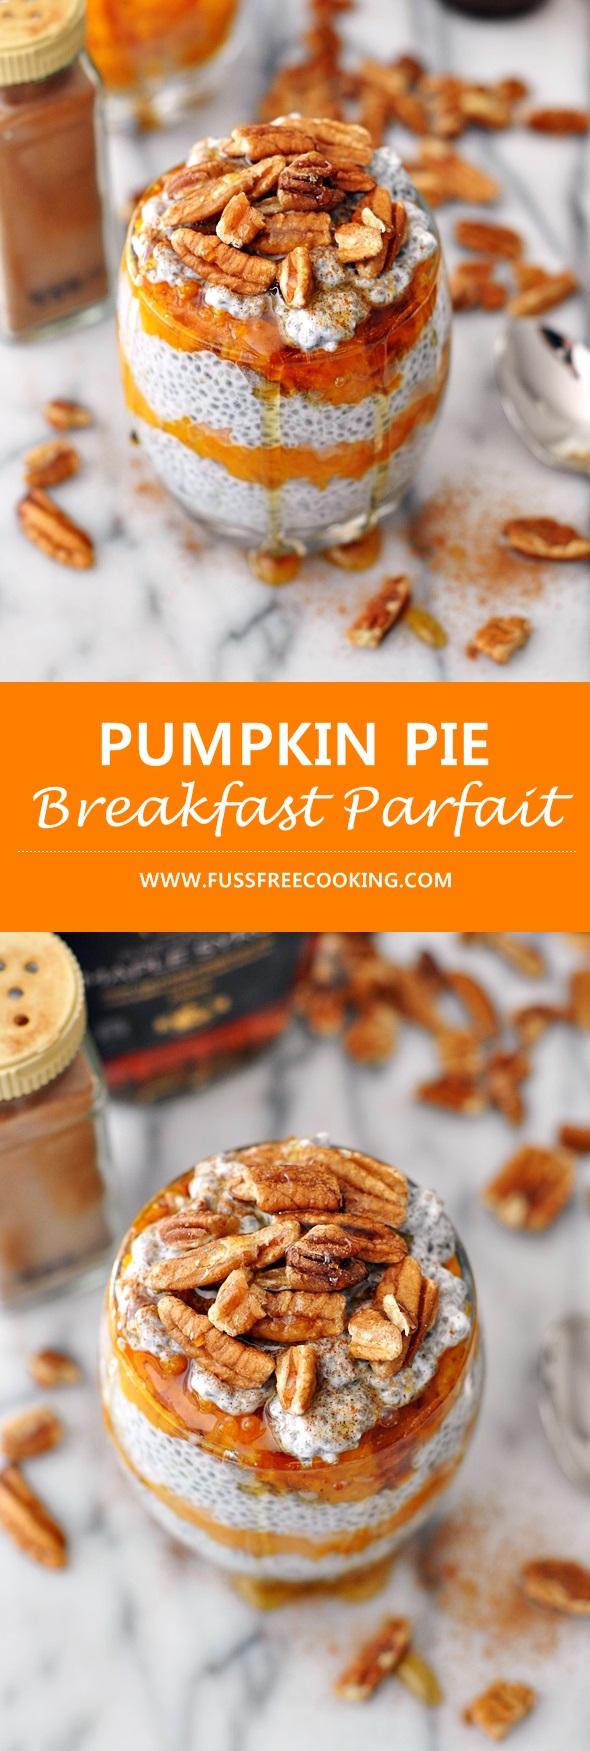 Pumpkin Pie Breakfast arfait | www.fussfreecooking.com